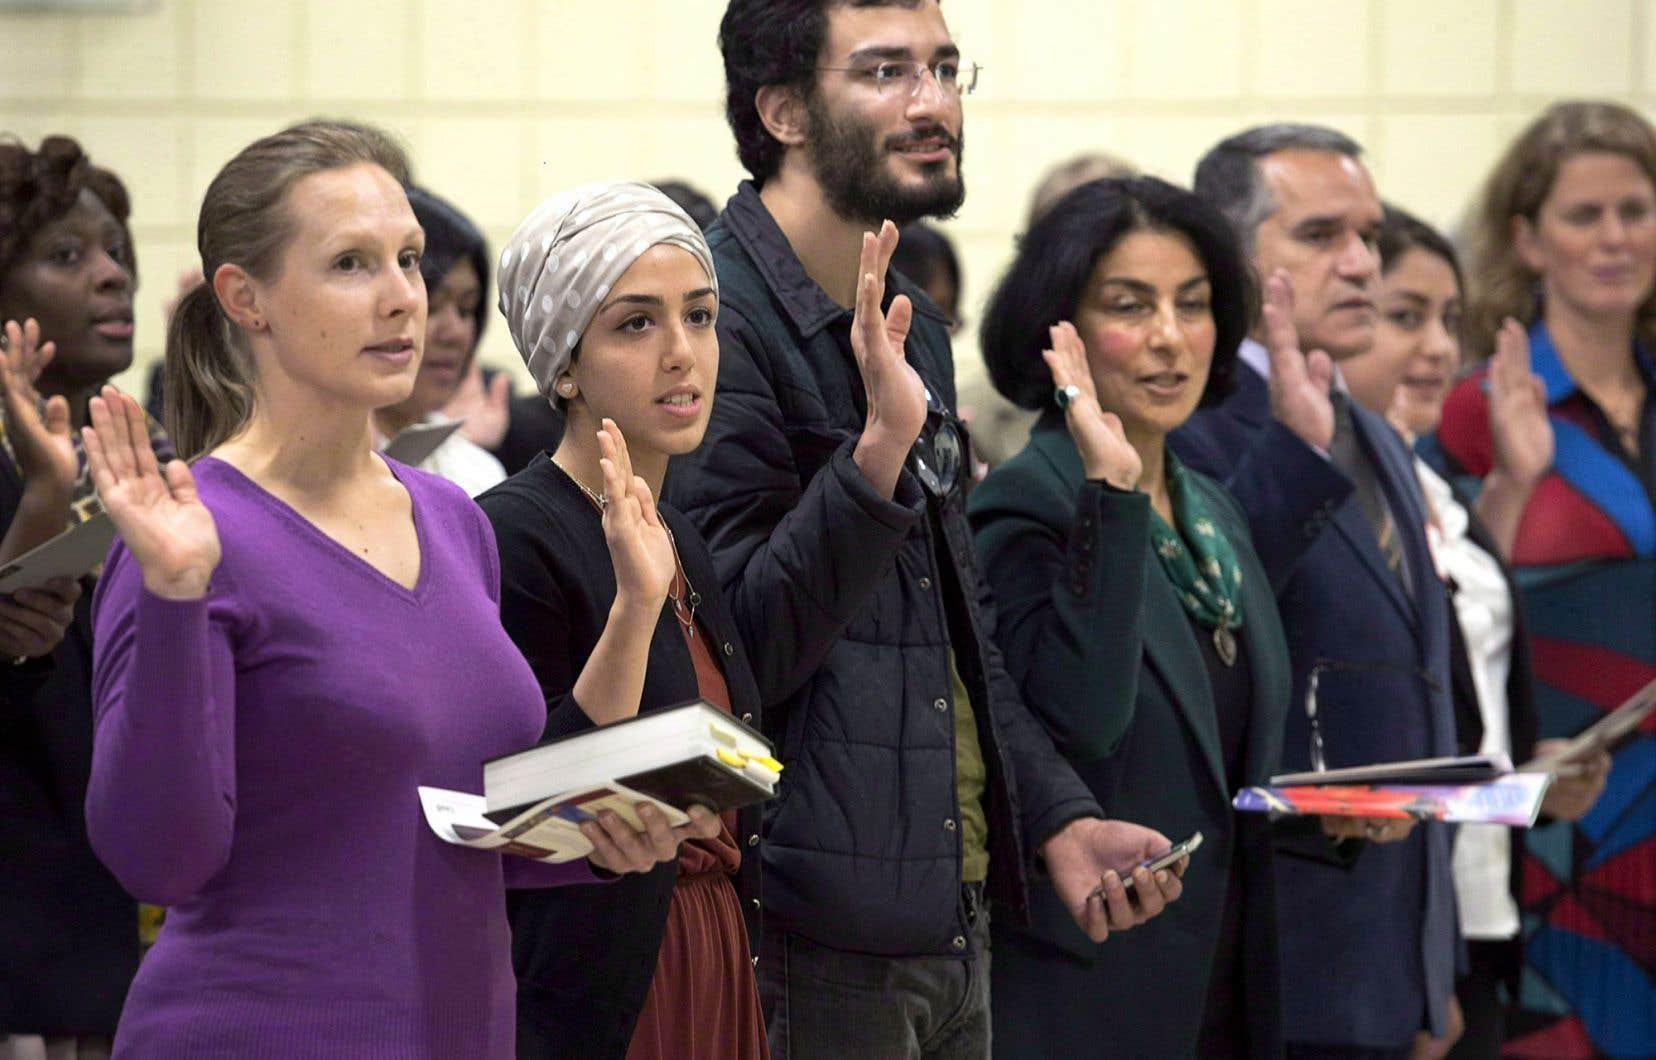 Des immigrants ayant obtenu la citoyenneté canadienne prêtent serment à l'occasion d'une cérémonie.